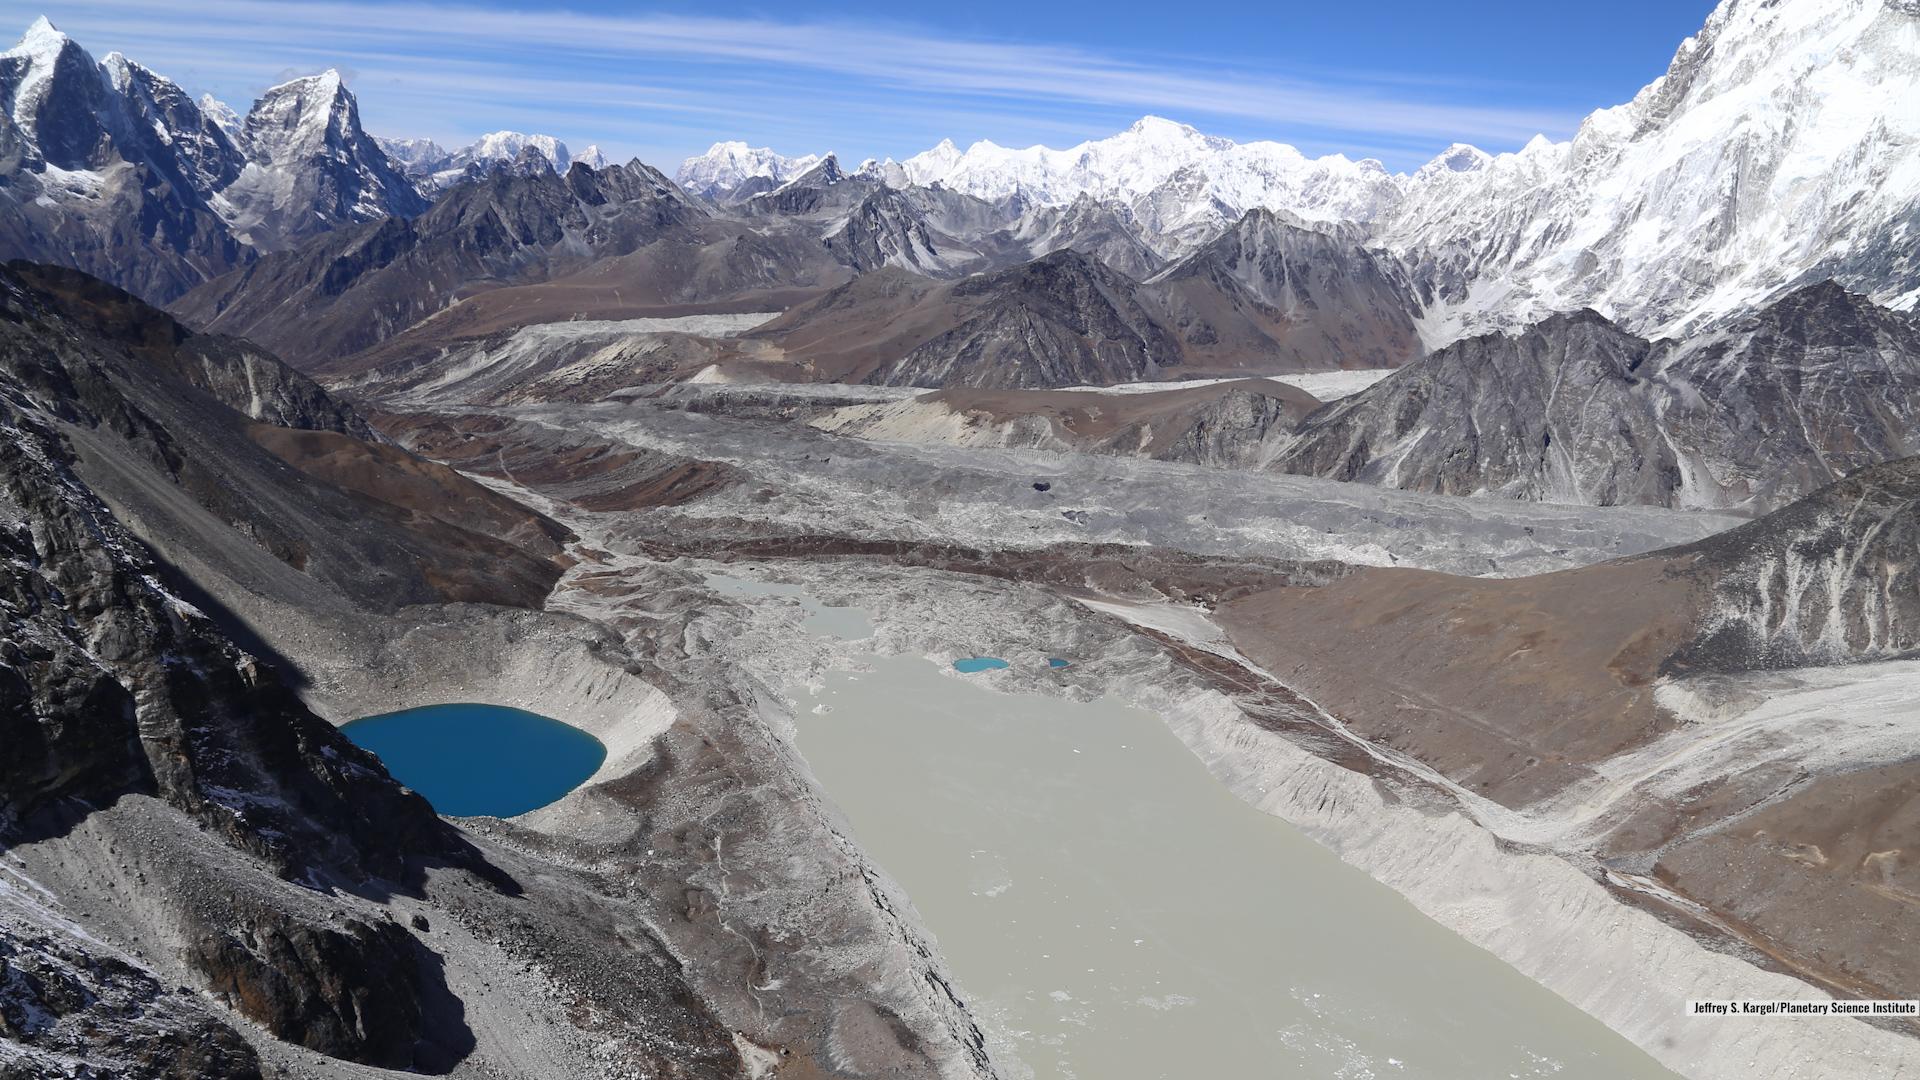 Image: Global Survey Using NASA Data Shows Dramatic Growth of Glacial Lakes